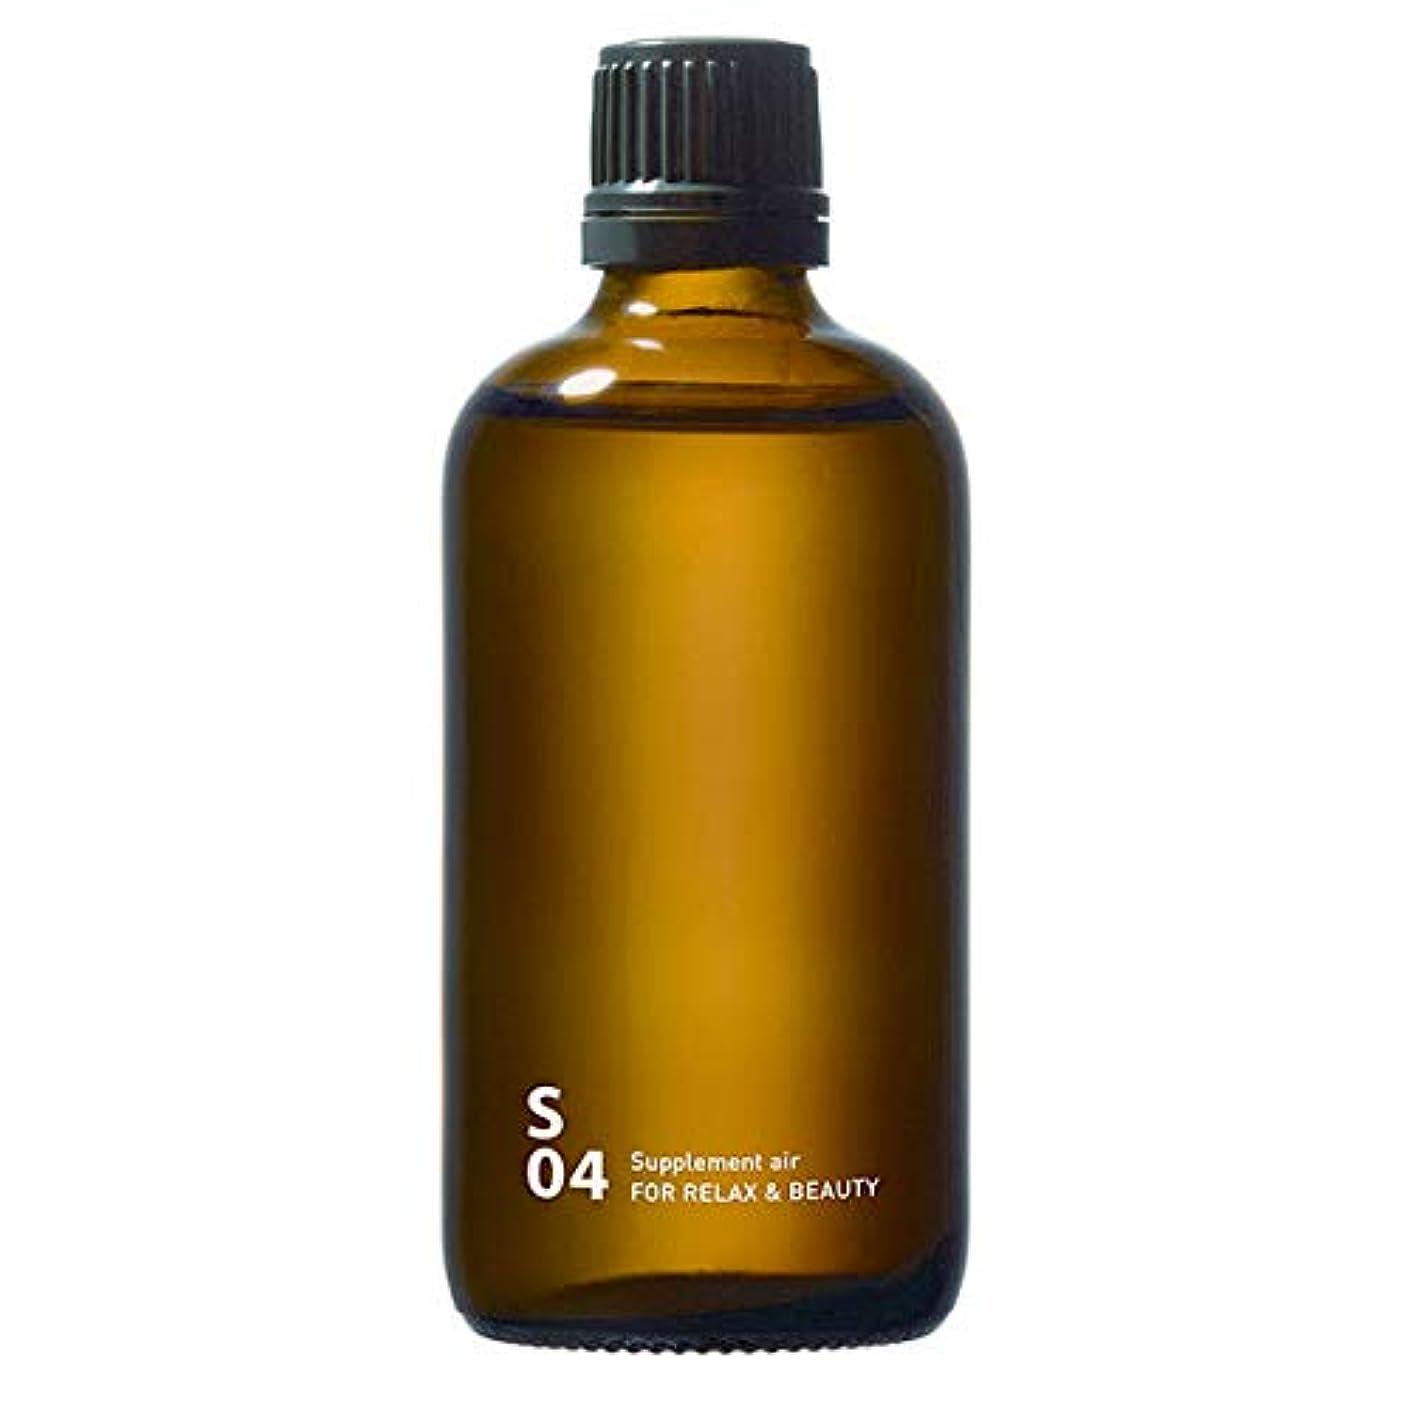 安息悪性共産主義者S04 FOR RELAX & BEAUTY piezo aroma oil 100ml